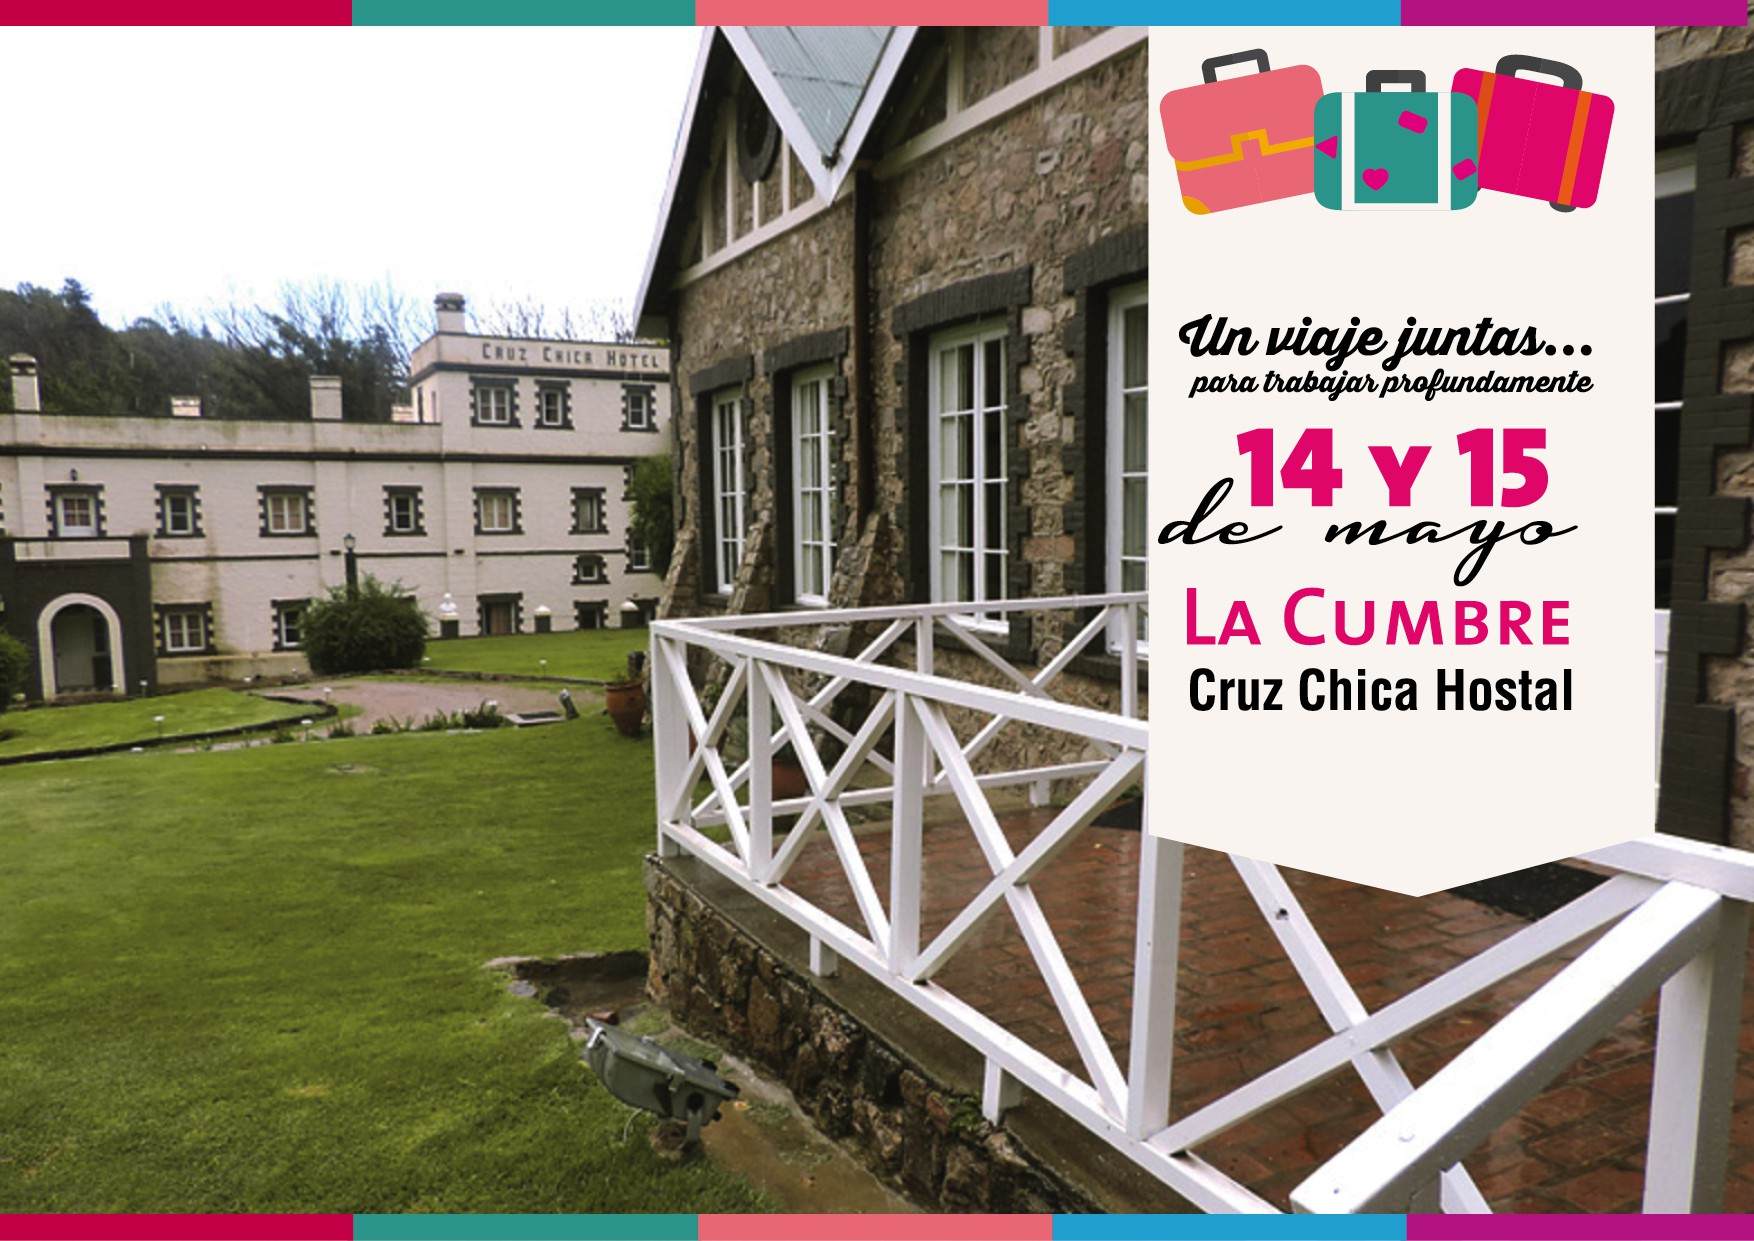 Flyer para Cruz Chica Hostal, evento para mujeres el 14 y 15 de mayo